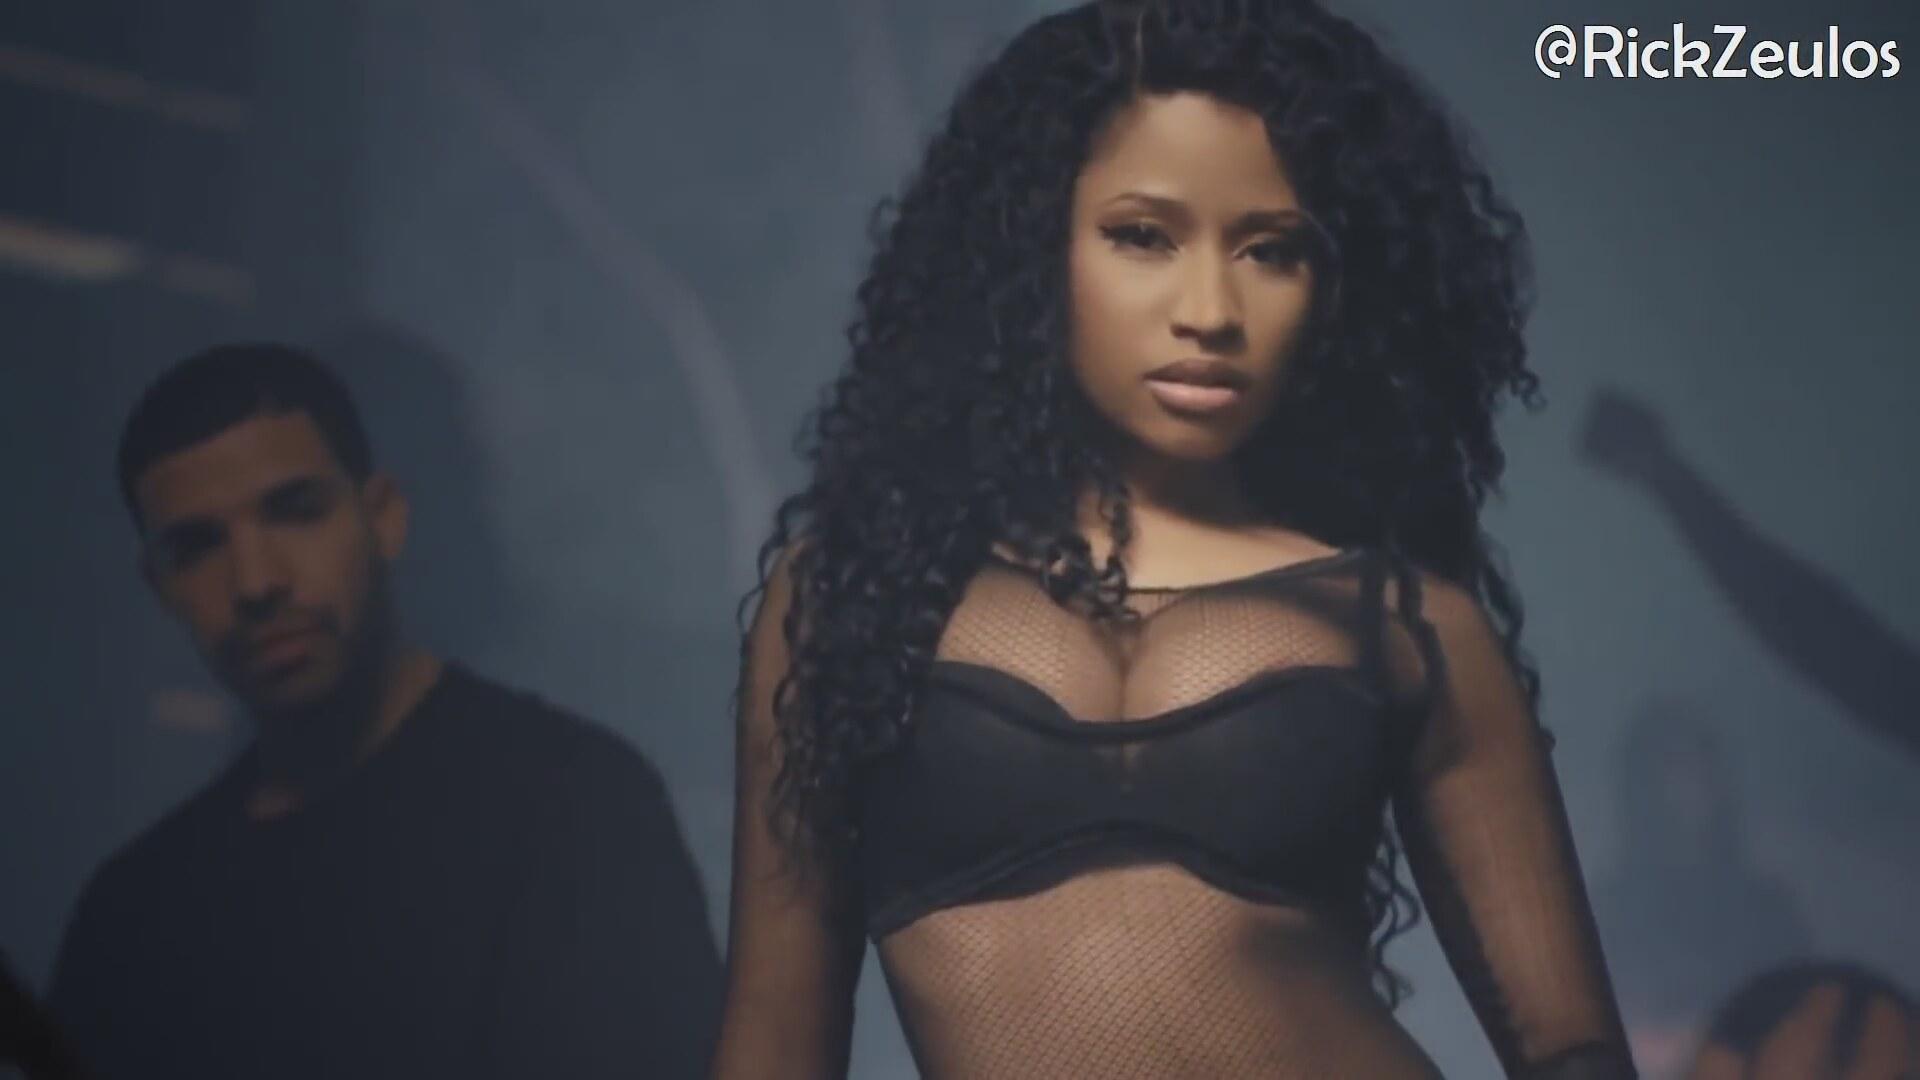 Nicki Minaj Booty Tribute